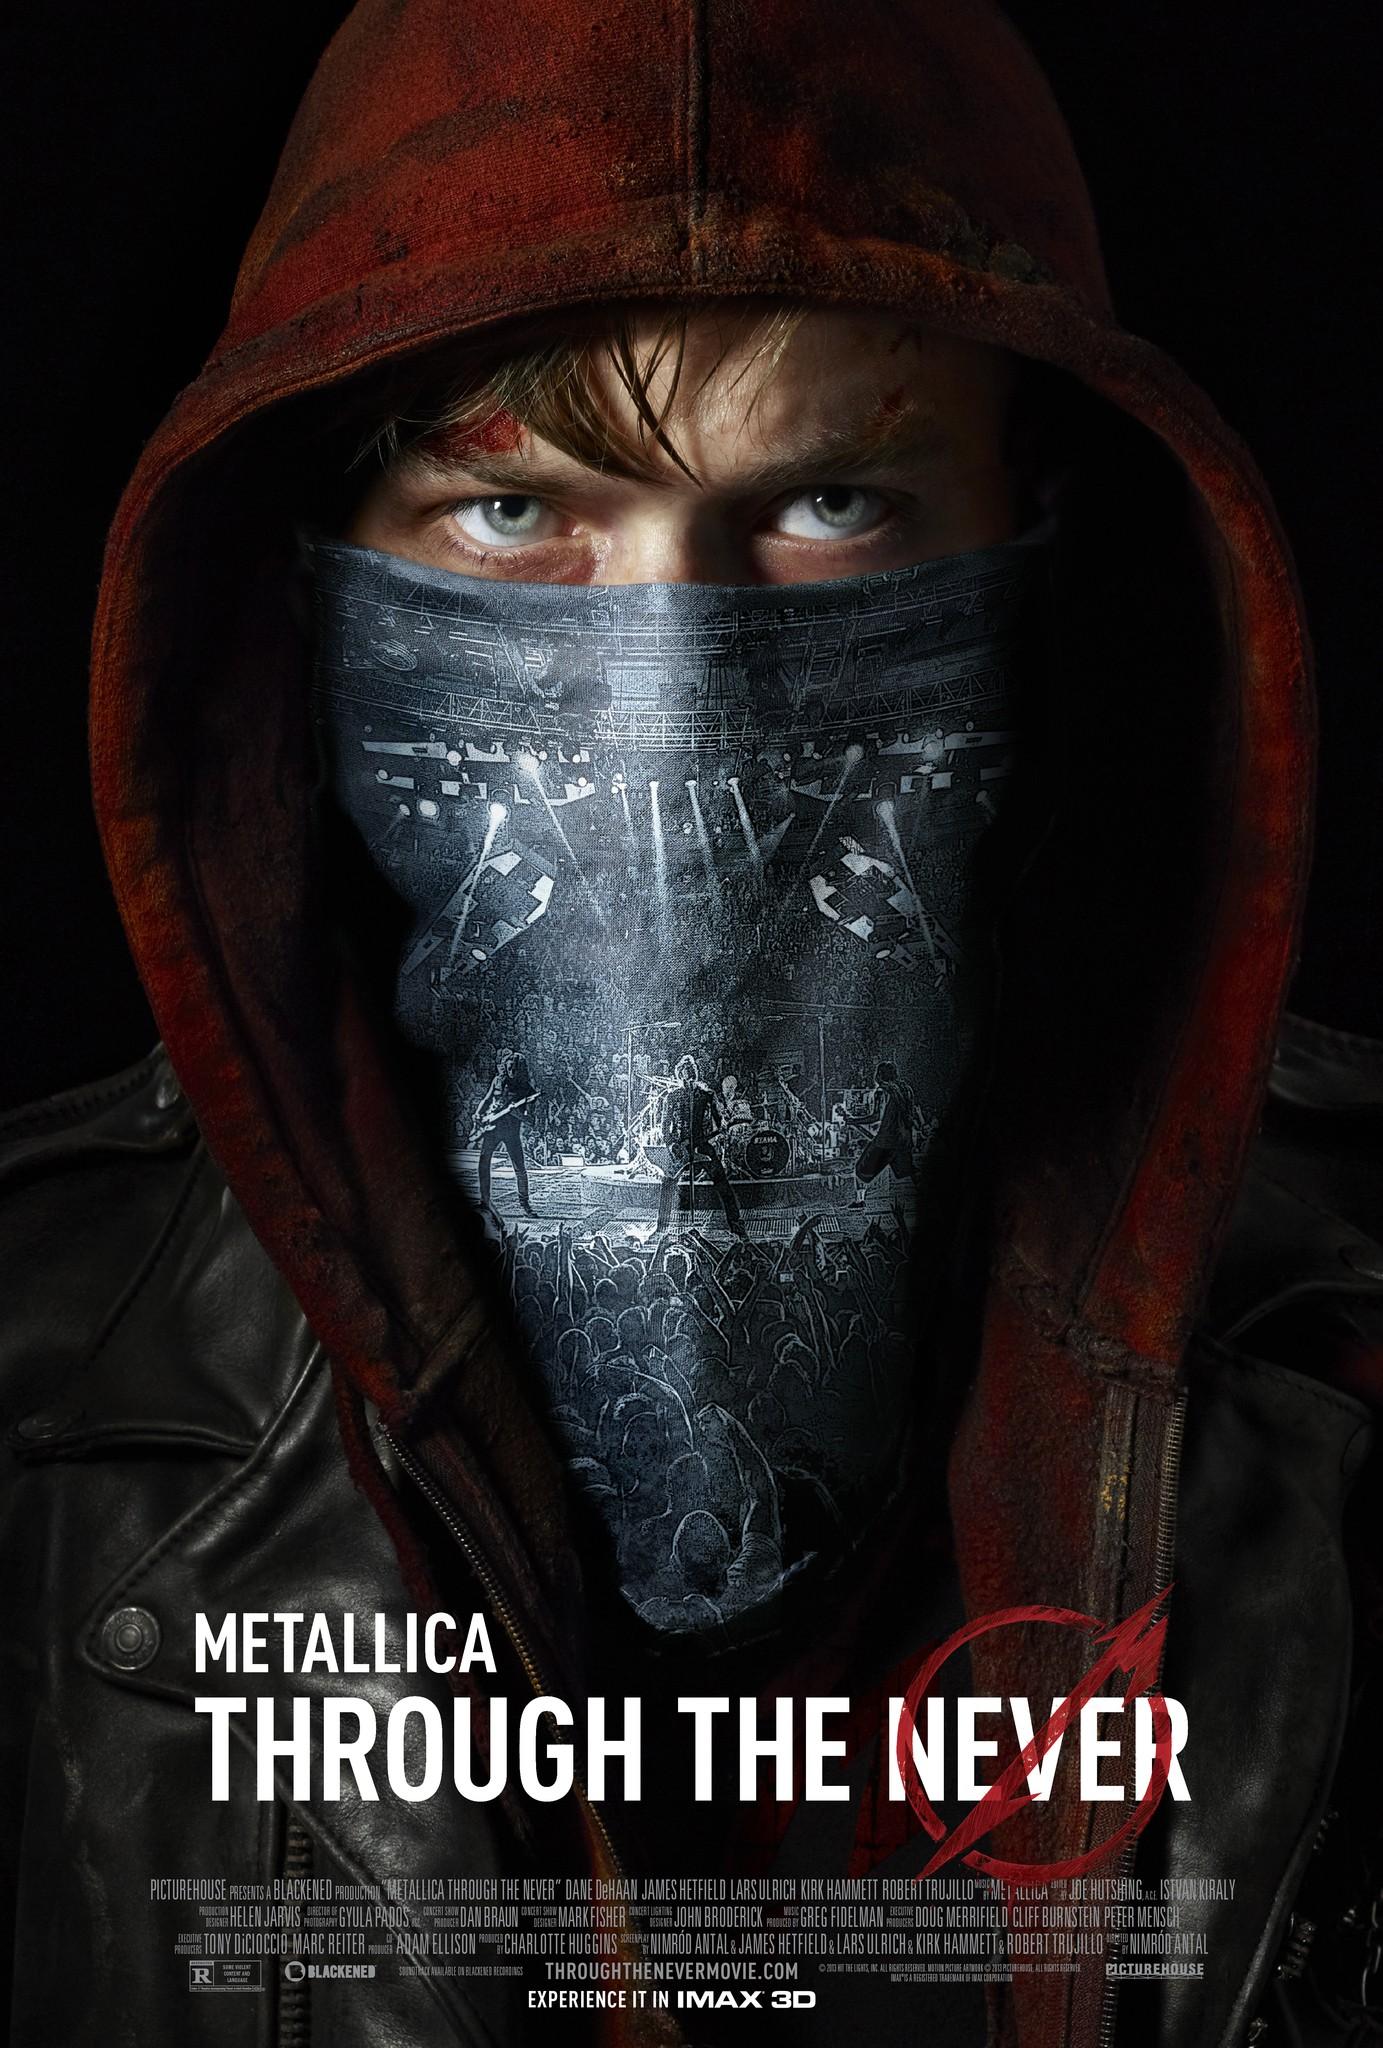 Metallica Through The Never - Poster - 001